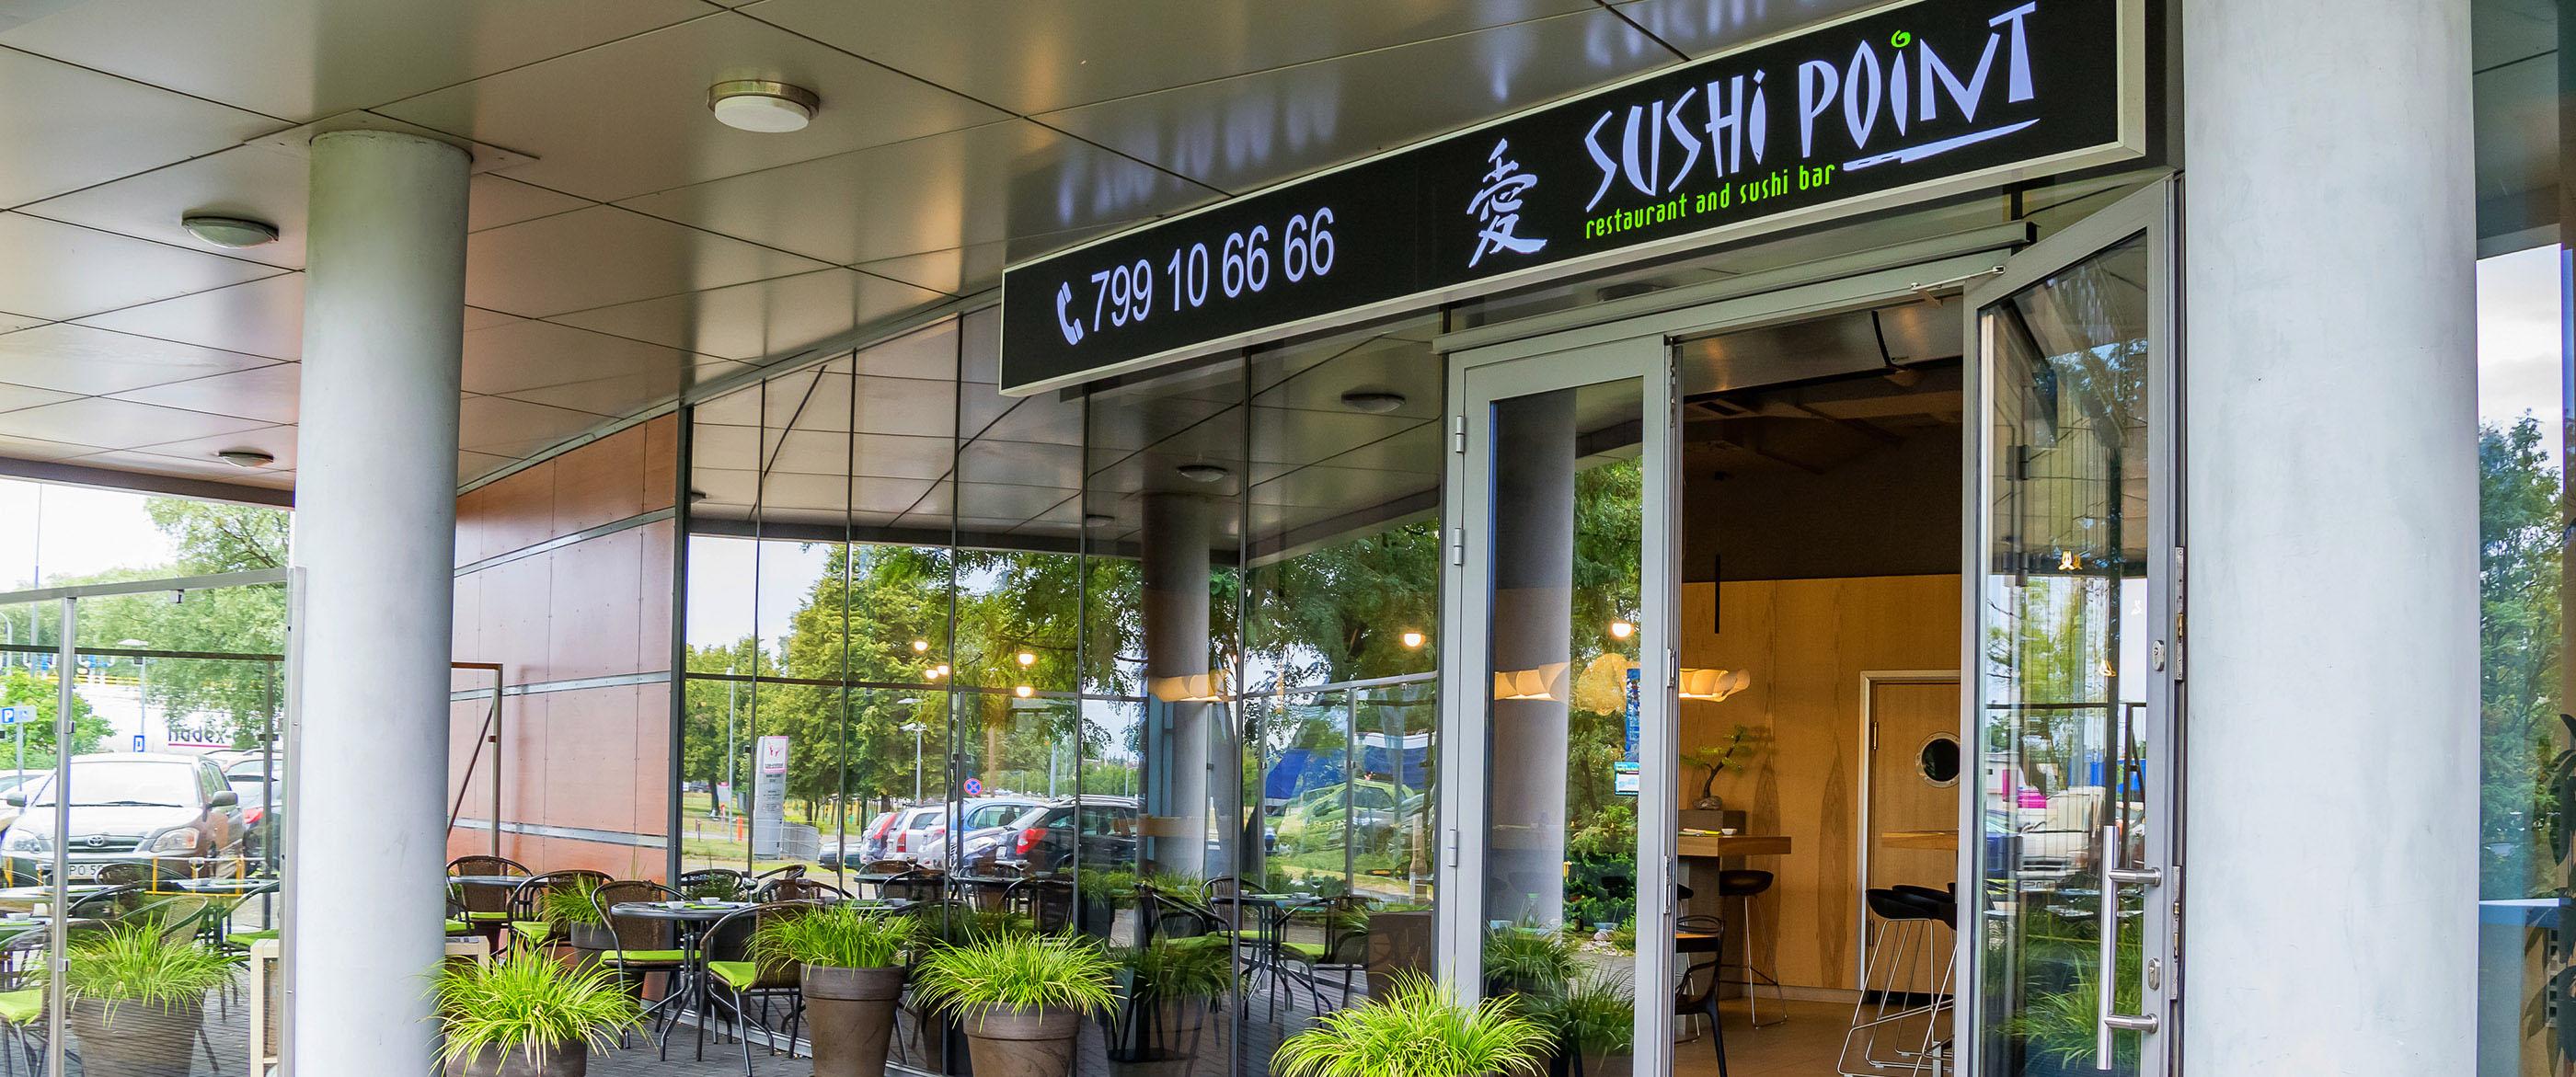 restauracja sushi Poznań